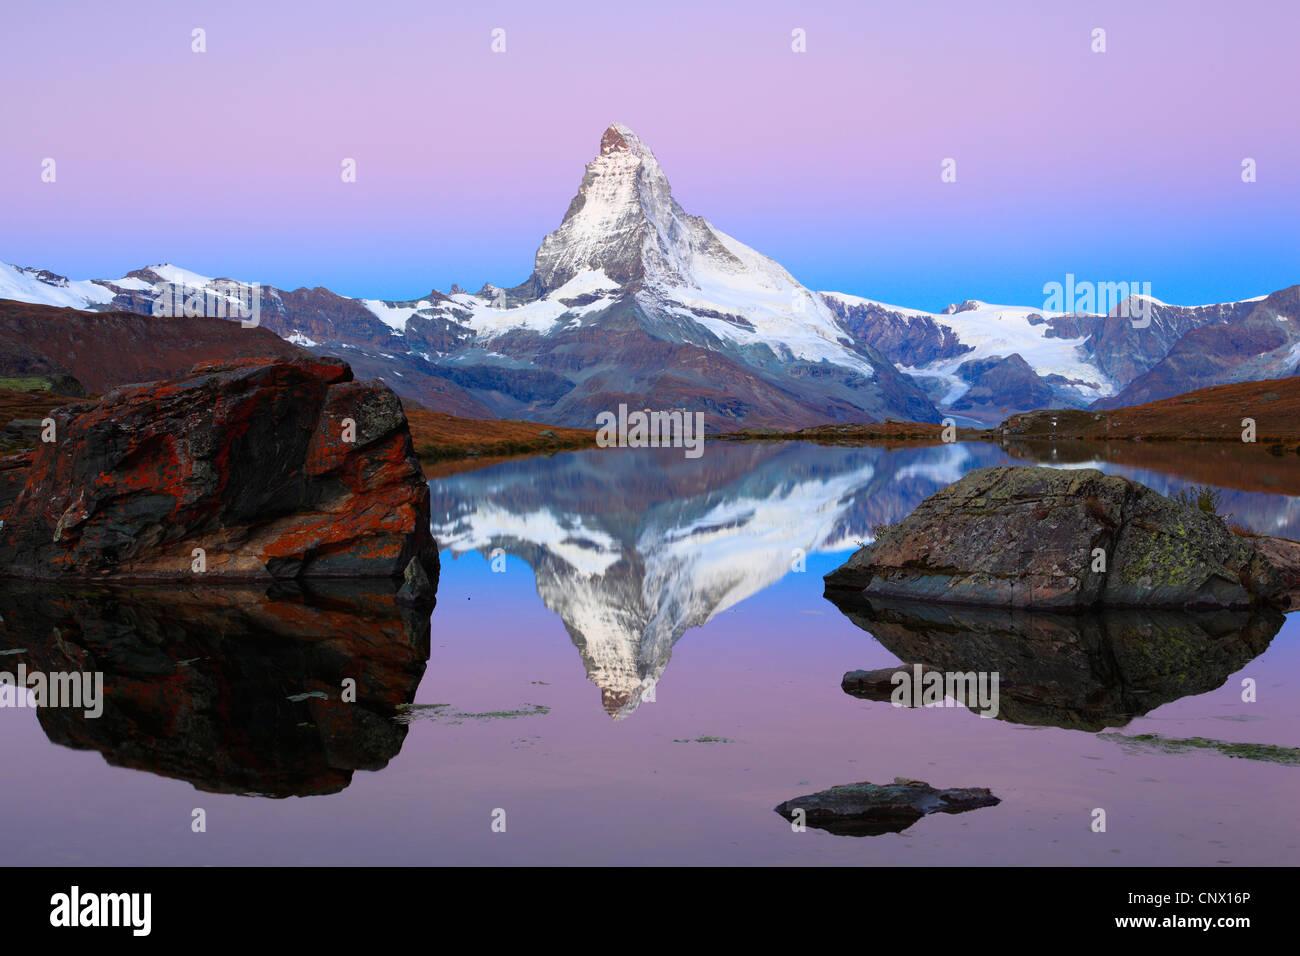 Vistas al Matterhorn desde un lago de montaña, Suiza, Valais Foto de stock